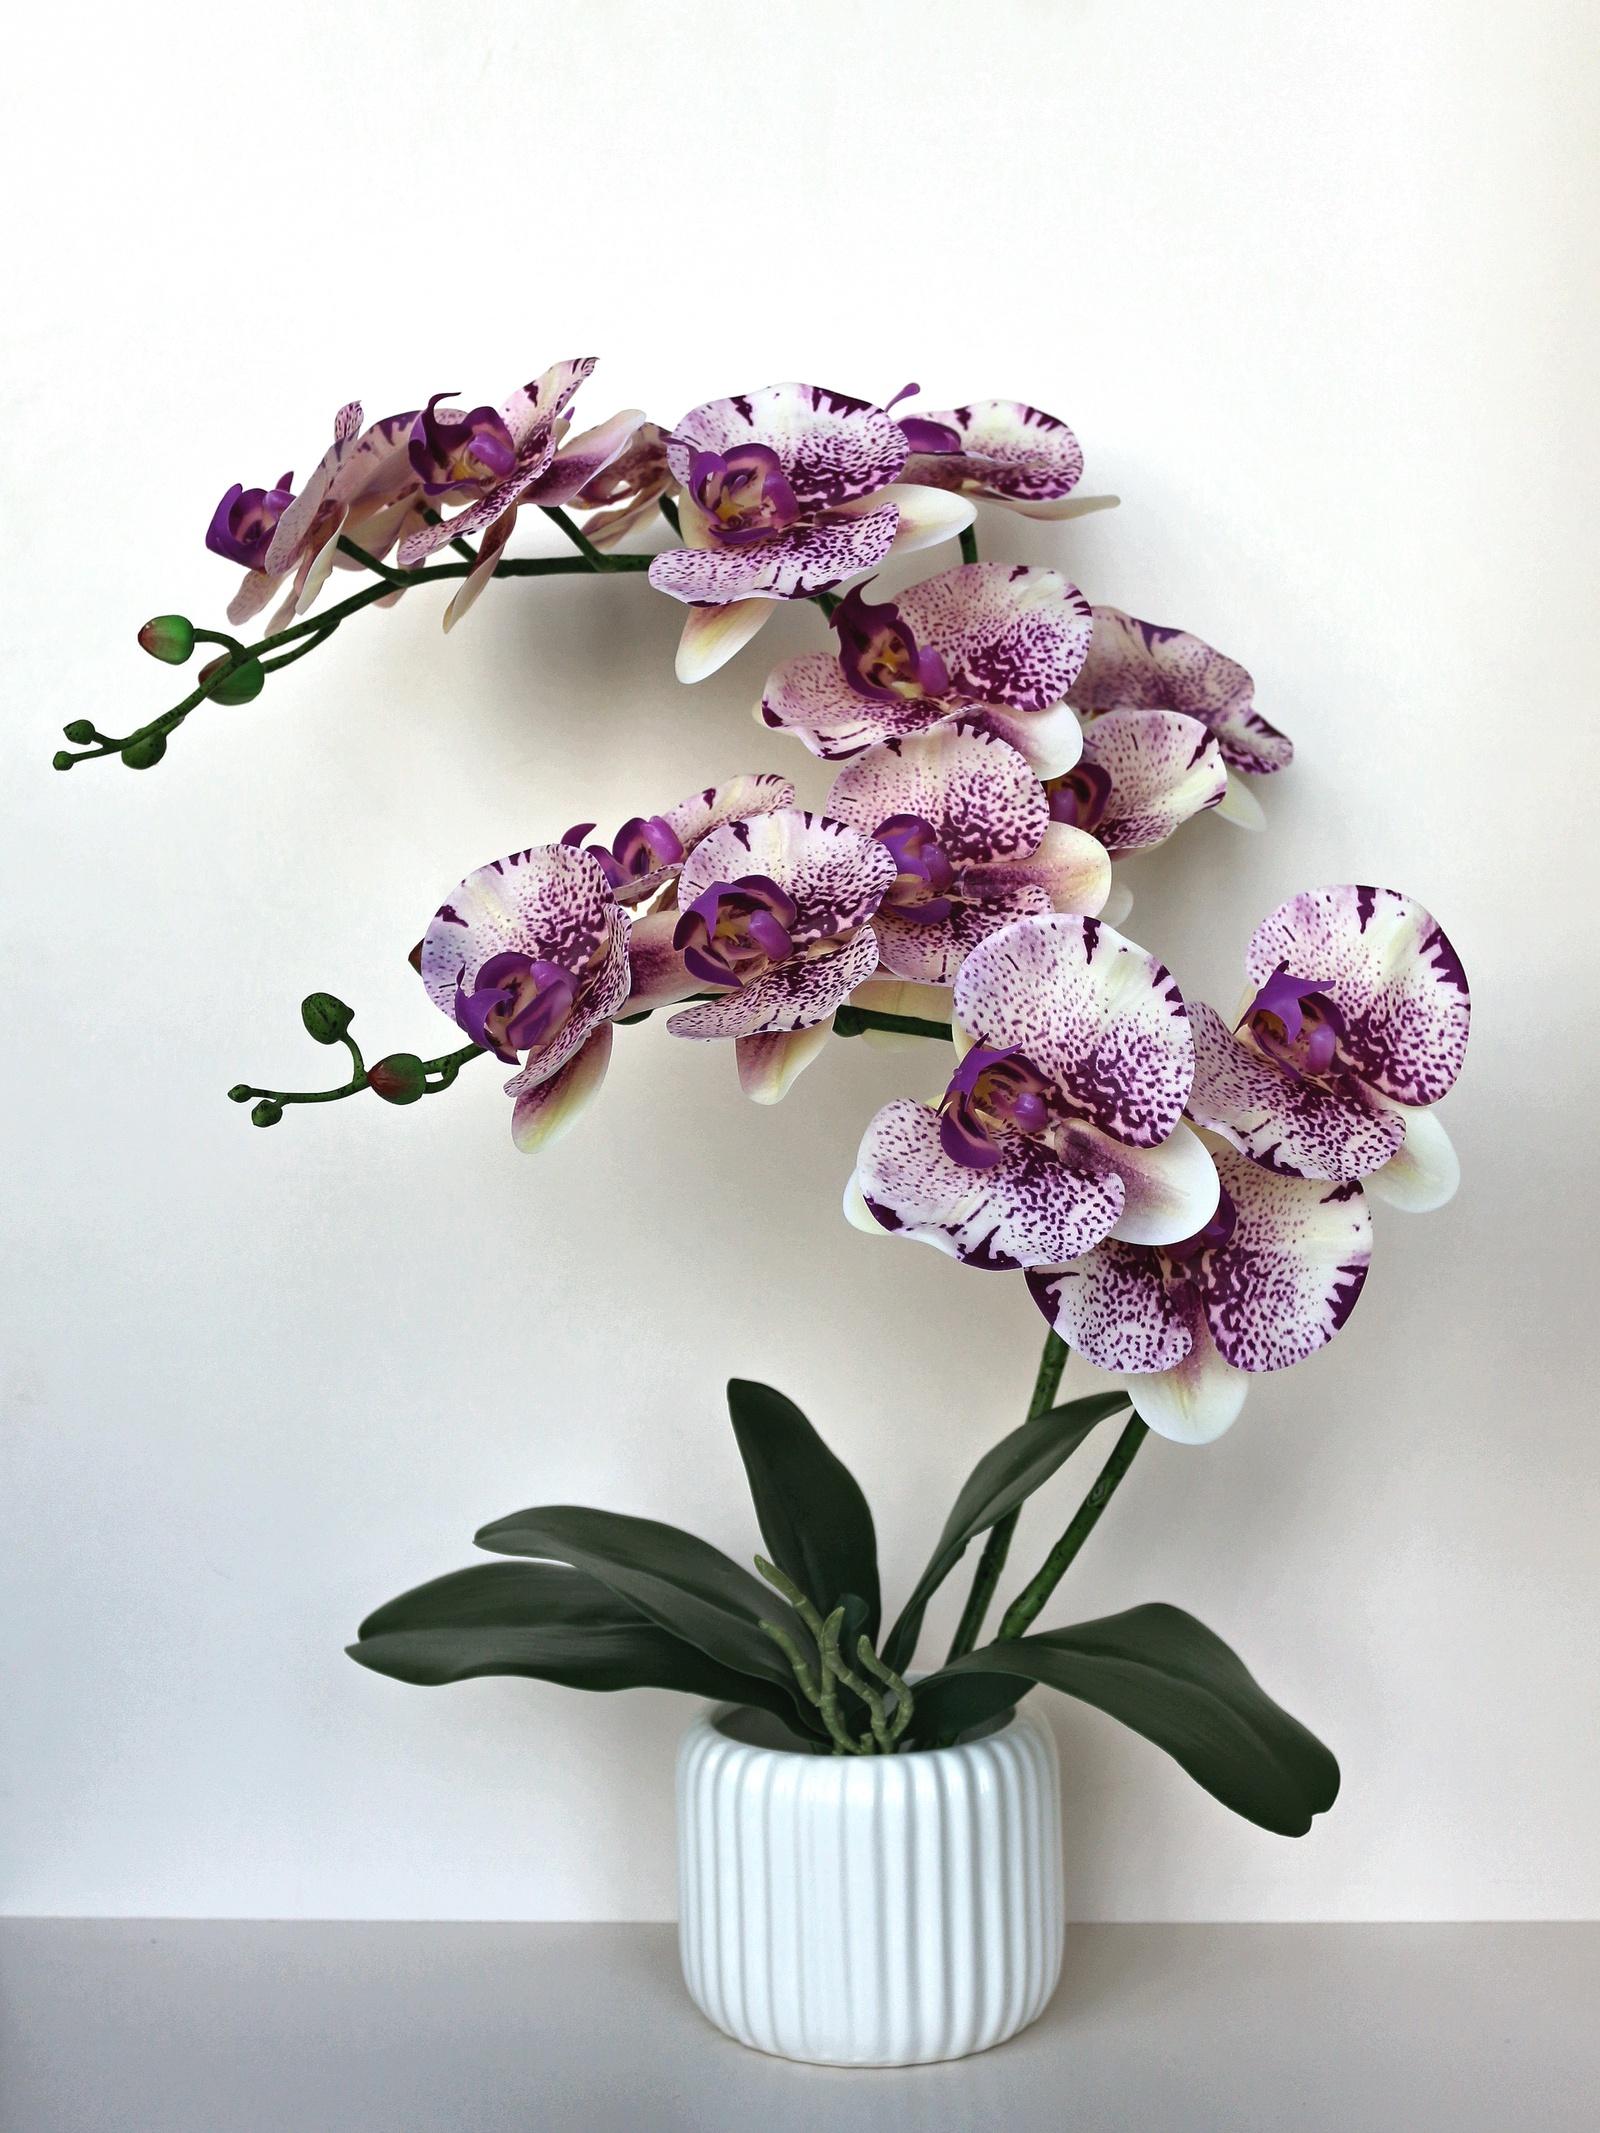 Купить в интернет магазине цветов орхидеи, цветы